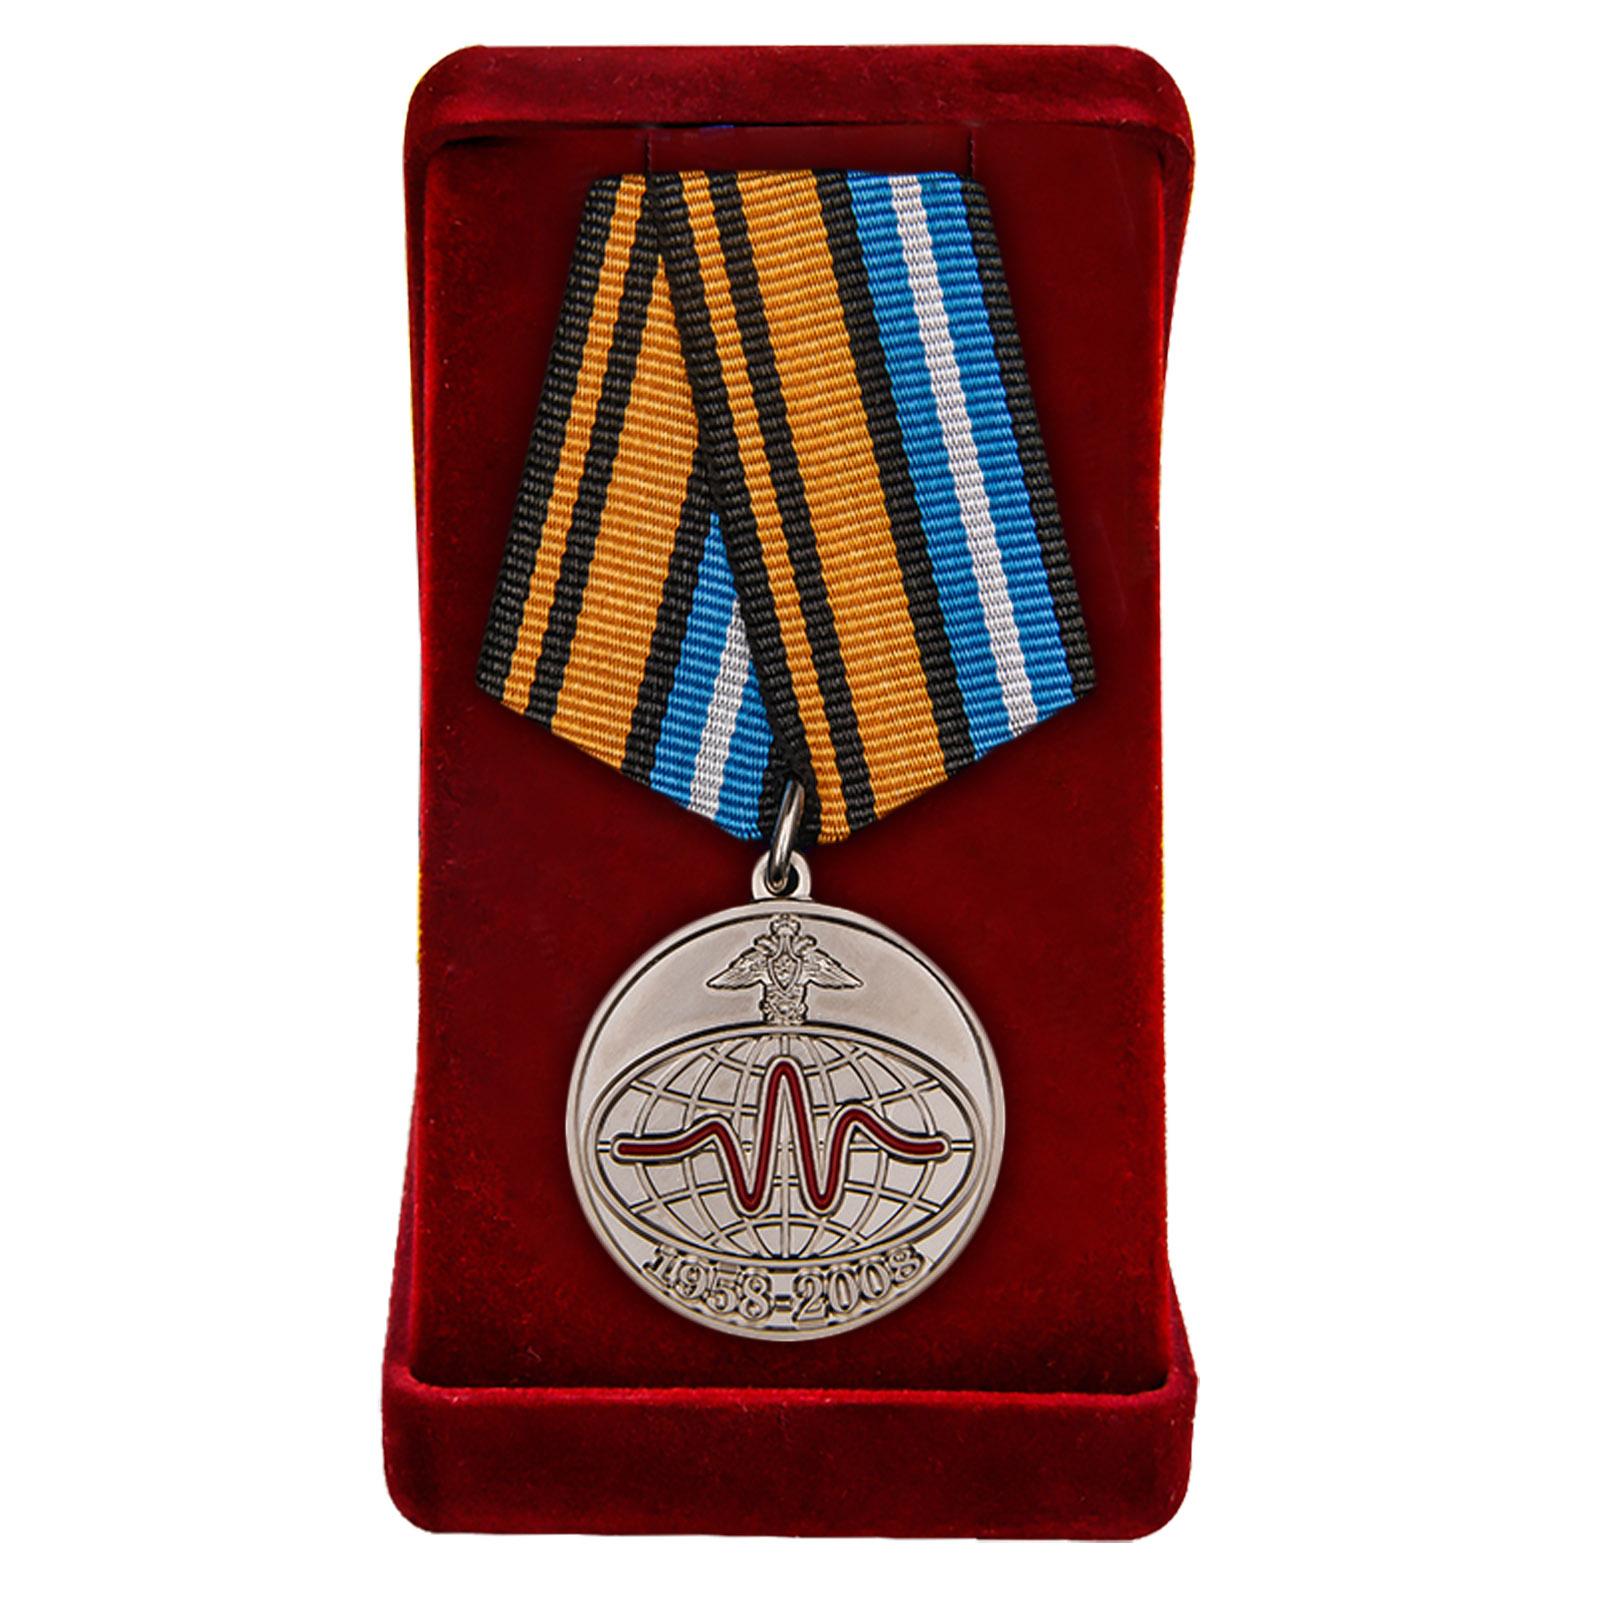 Купить медаль МО РФ 50 лет Службе специального контроля в подарок